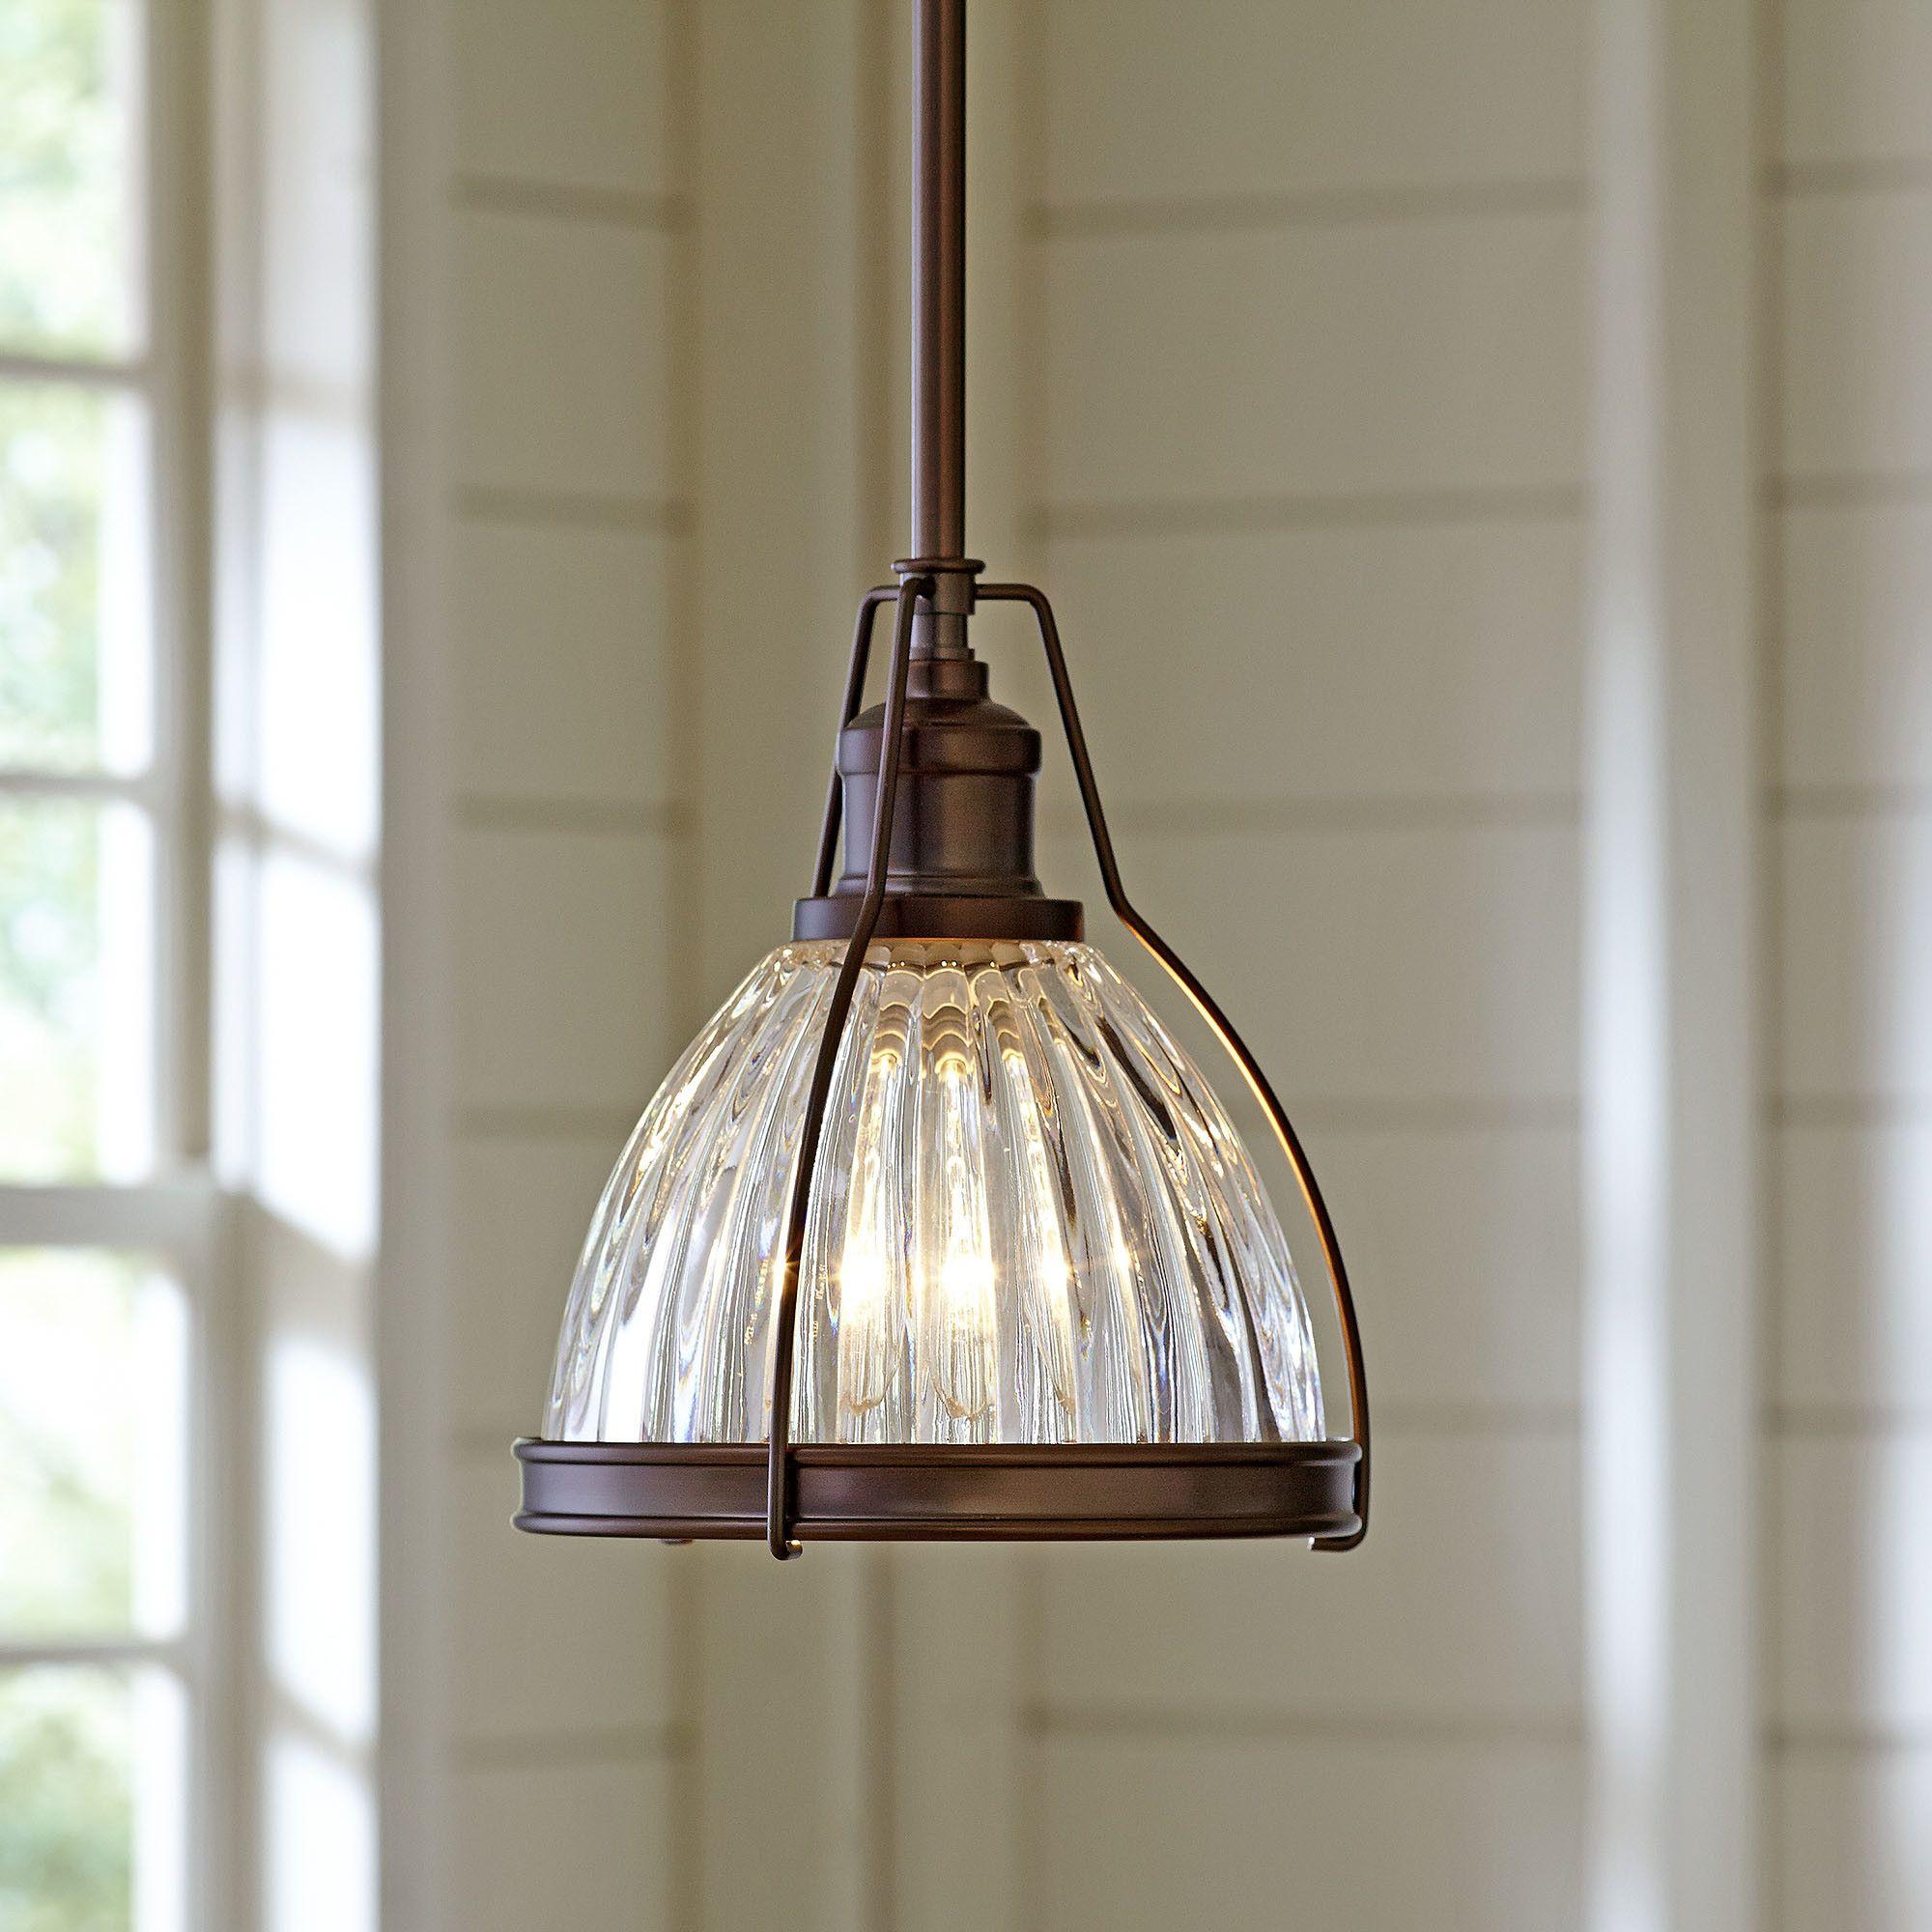 Giuseppina 1 Light Single Bell Pendant In 2019 | Kitchen Pertaining To 1 Light Single Bell Pendants (View 11 of 30)